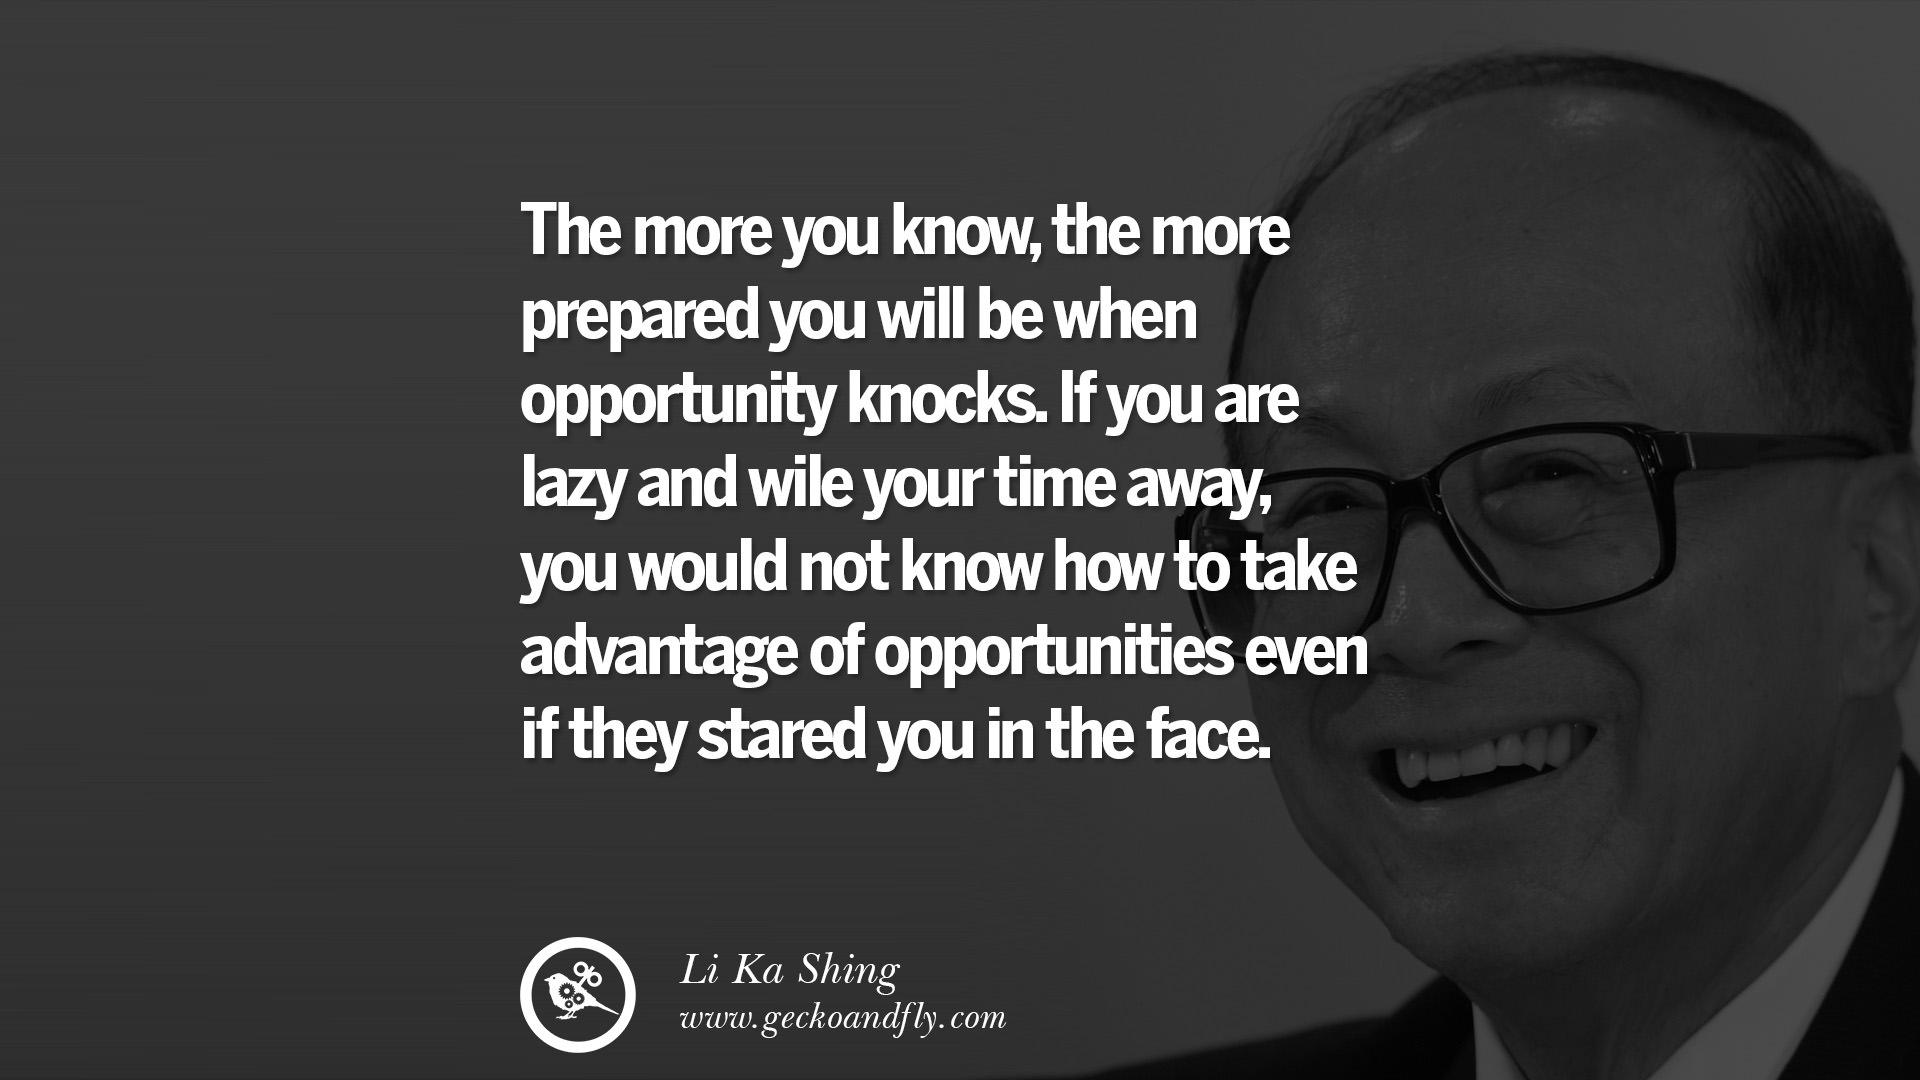 12 Inspiring Li Ka Shing Life Lessons and Business Quotes